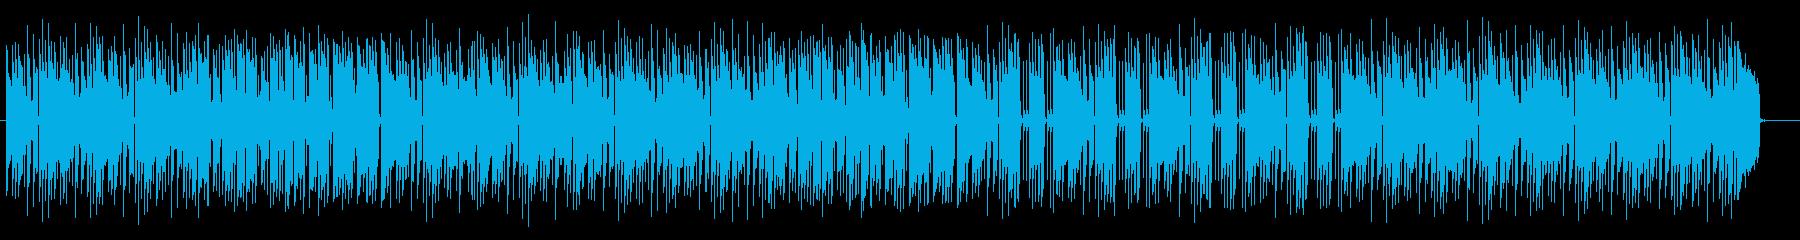 大人な雰囲気のスロージャズバラードの再生済みの波形